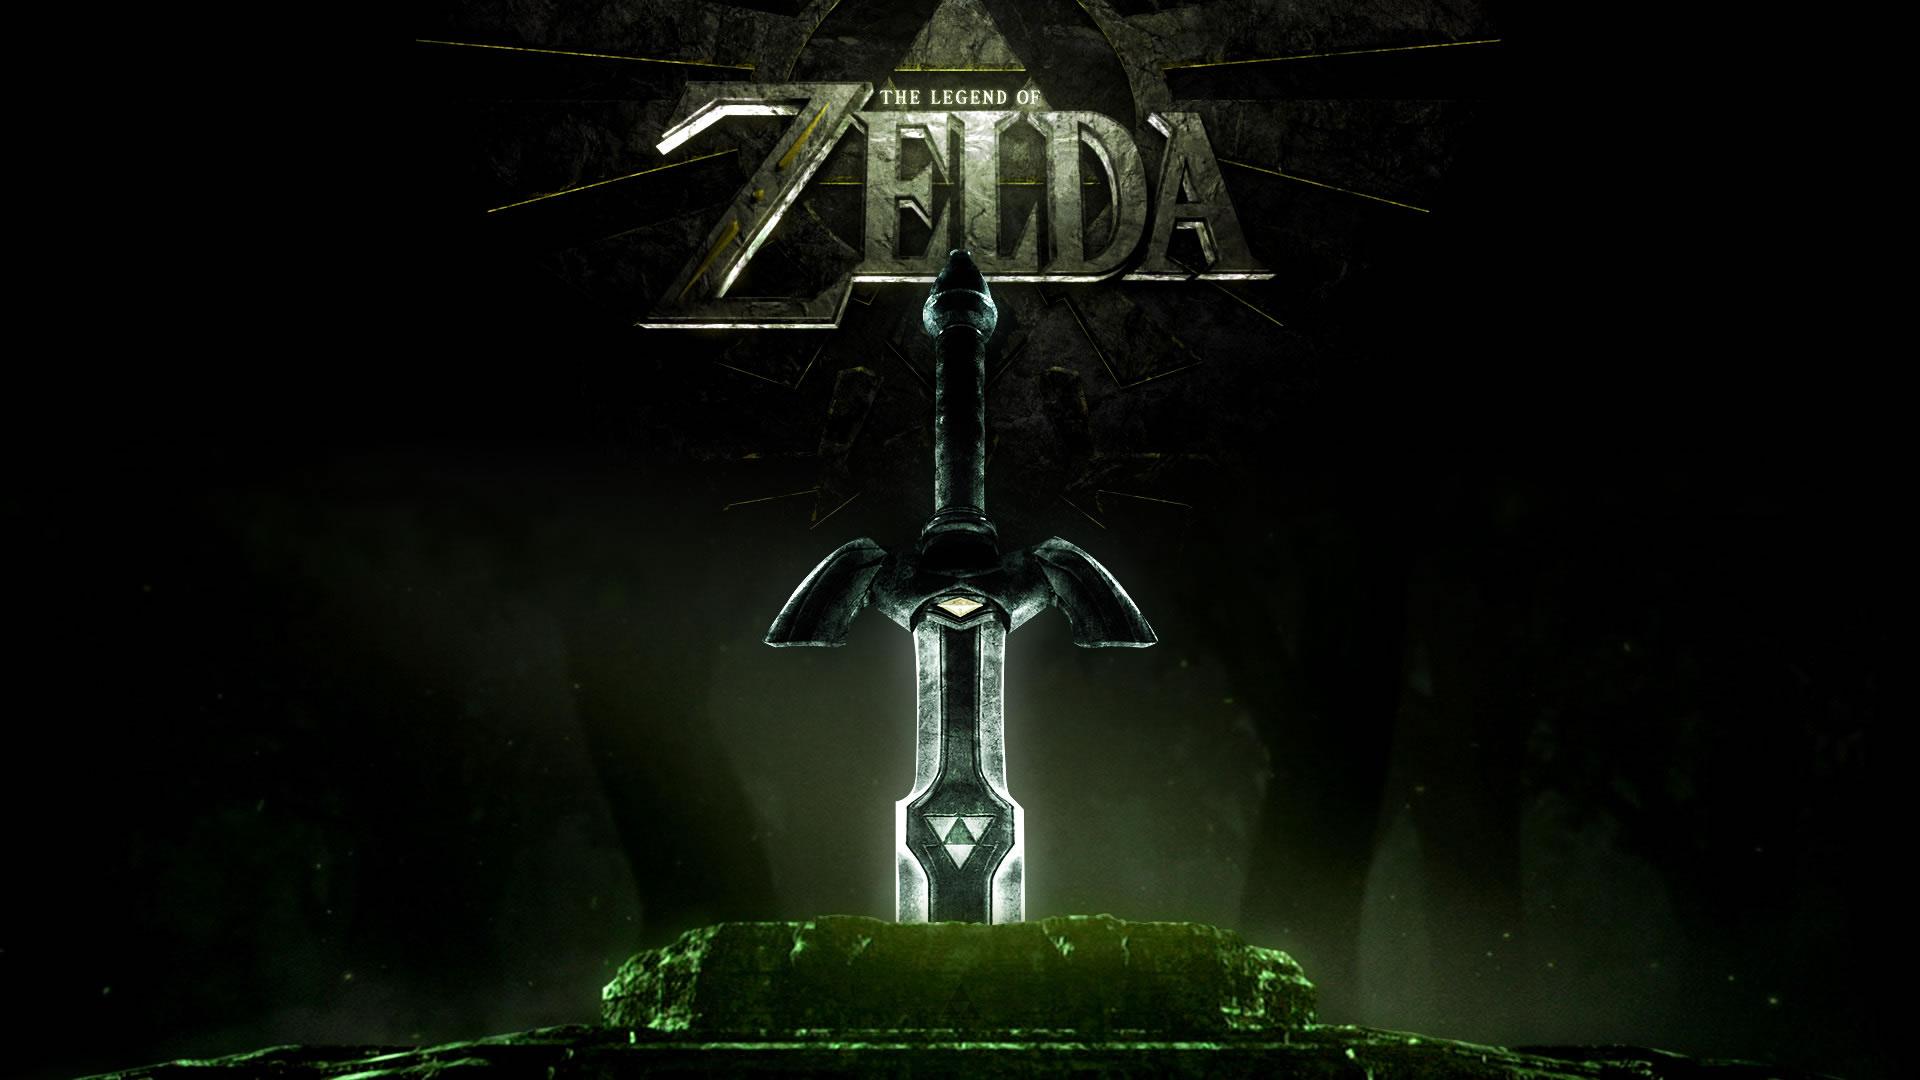 The Legend Of Zelda Wallpapers Wallpapers Hd